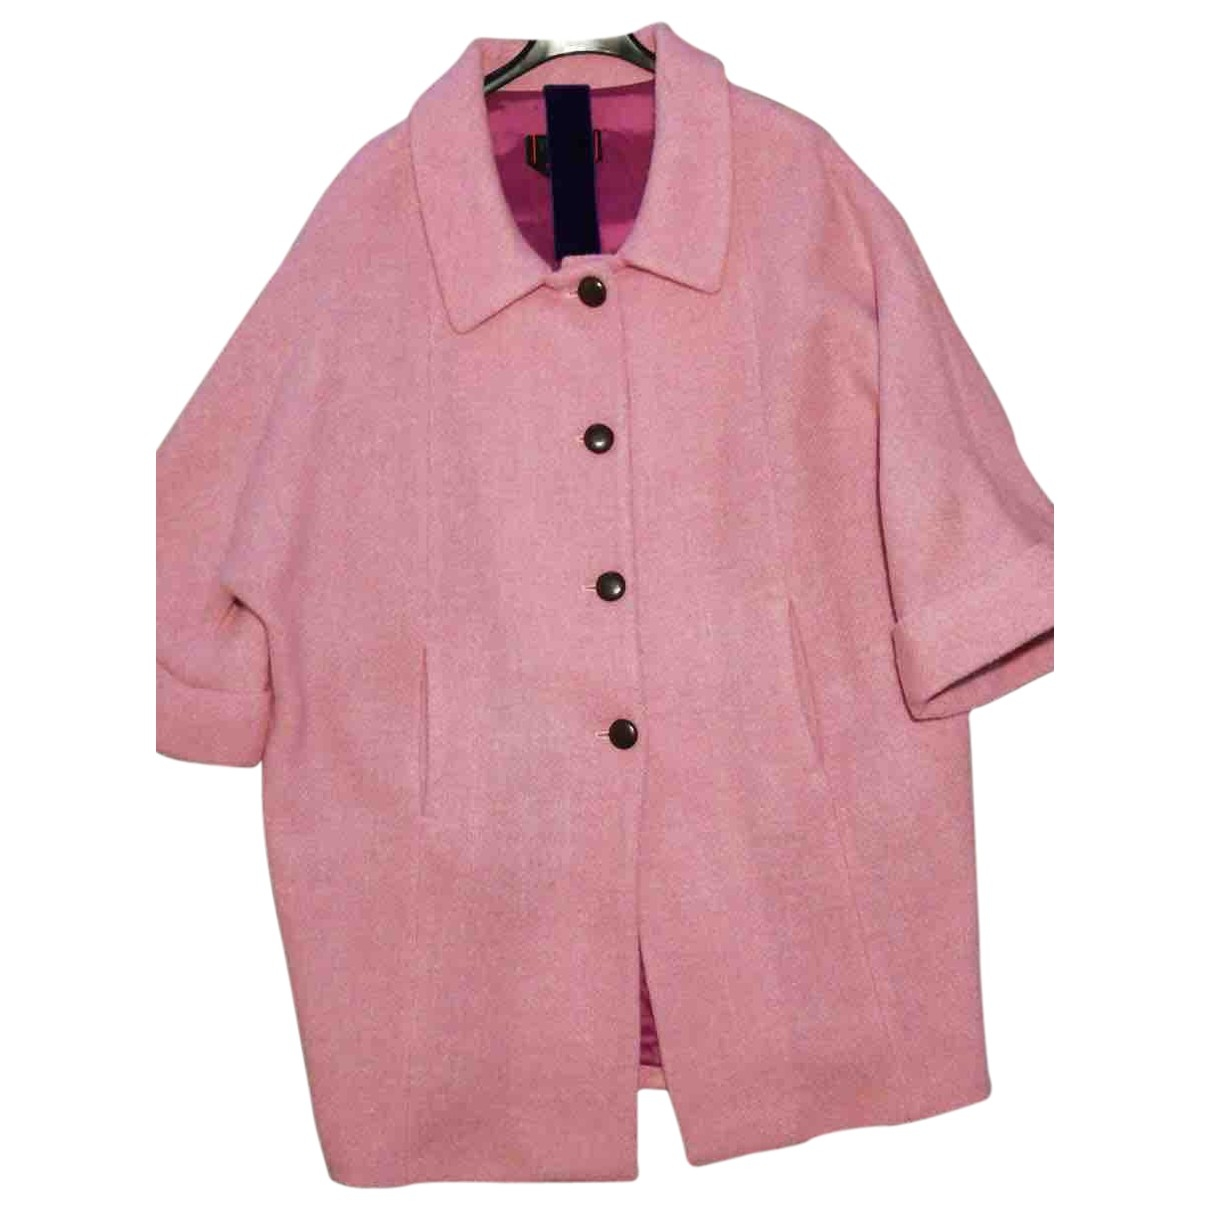 Femme By Michele Rossi - Manteau   pour femme en laine - rose